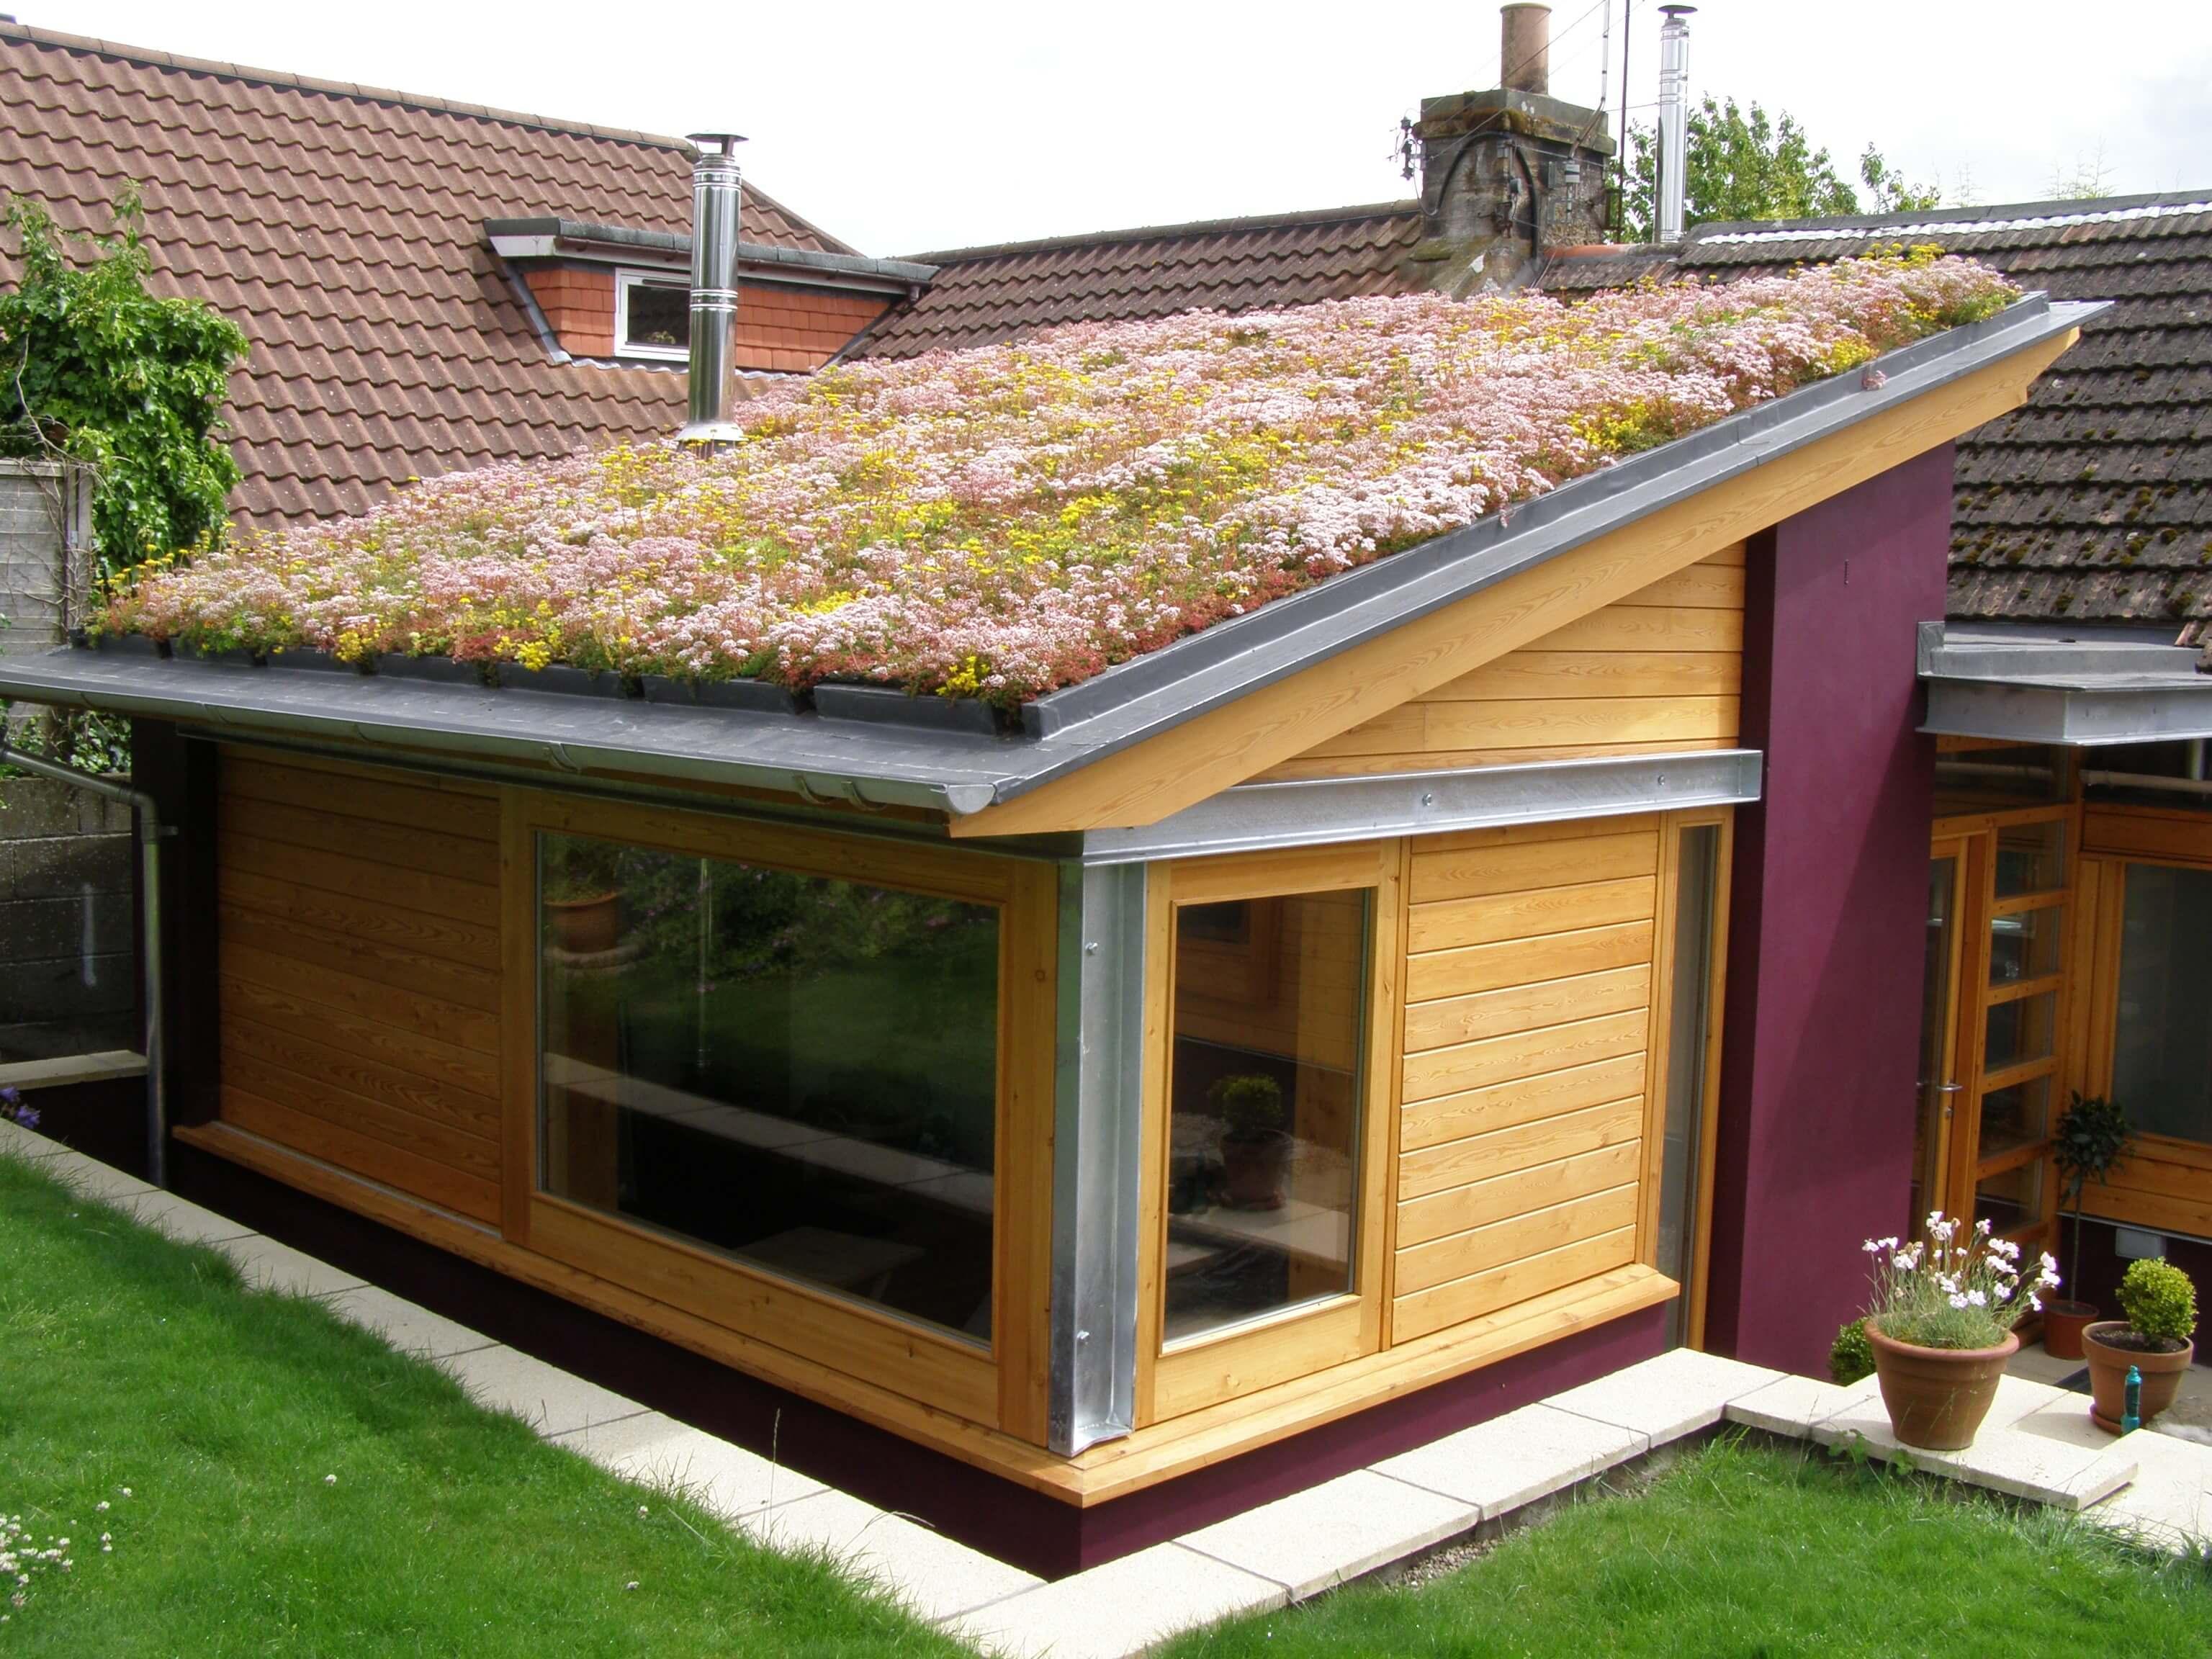 Por qué optar por instalar una cubierta ajardinada